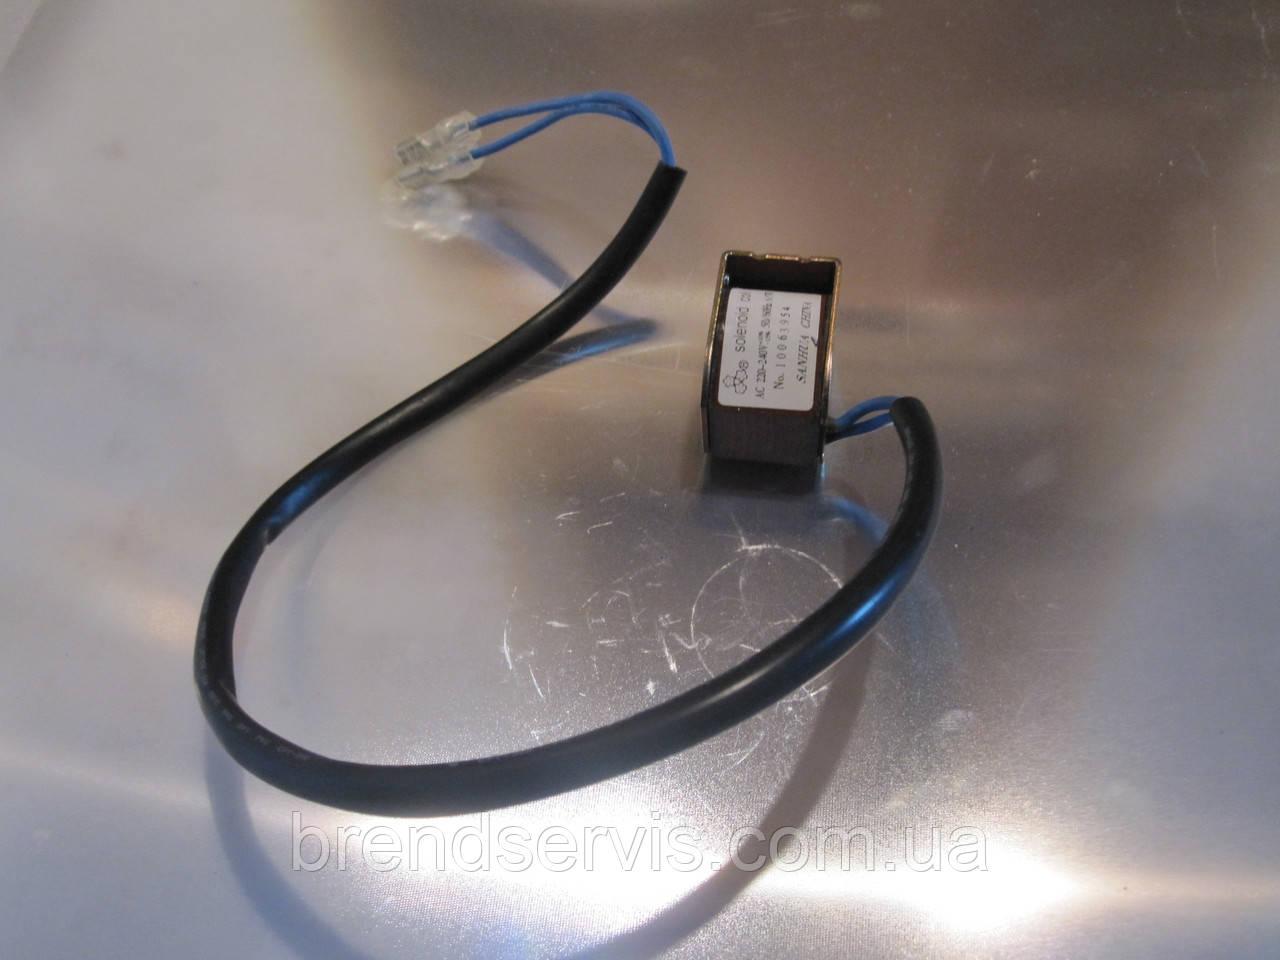 Конденсатор клапана для кондиционера